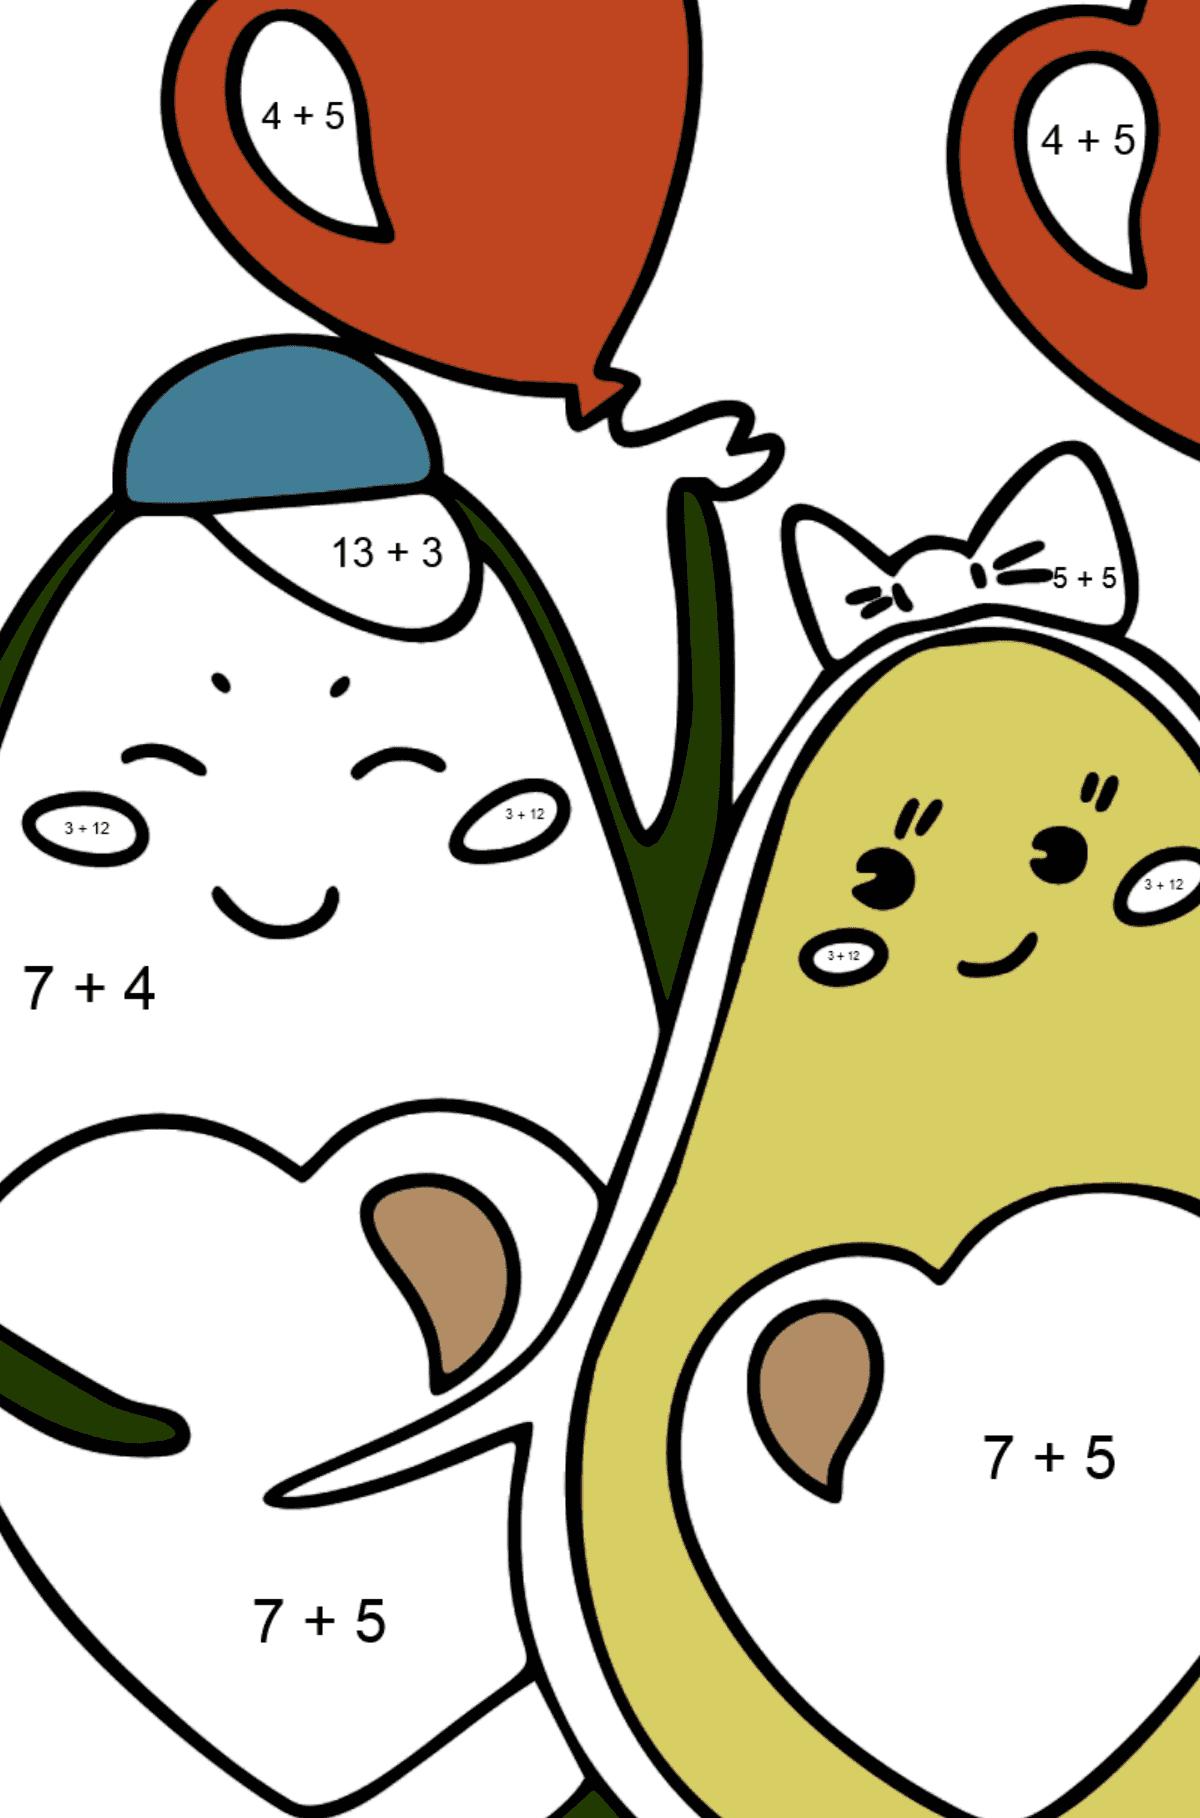 Раскраска Влюбленные авокадо - Математическая Раскраска - Сложение для Детей